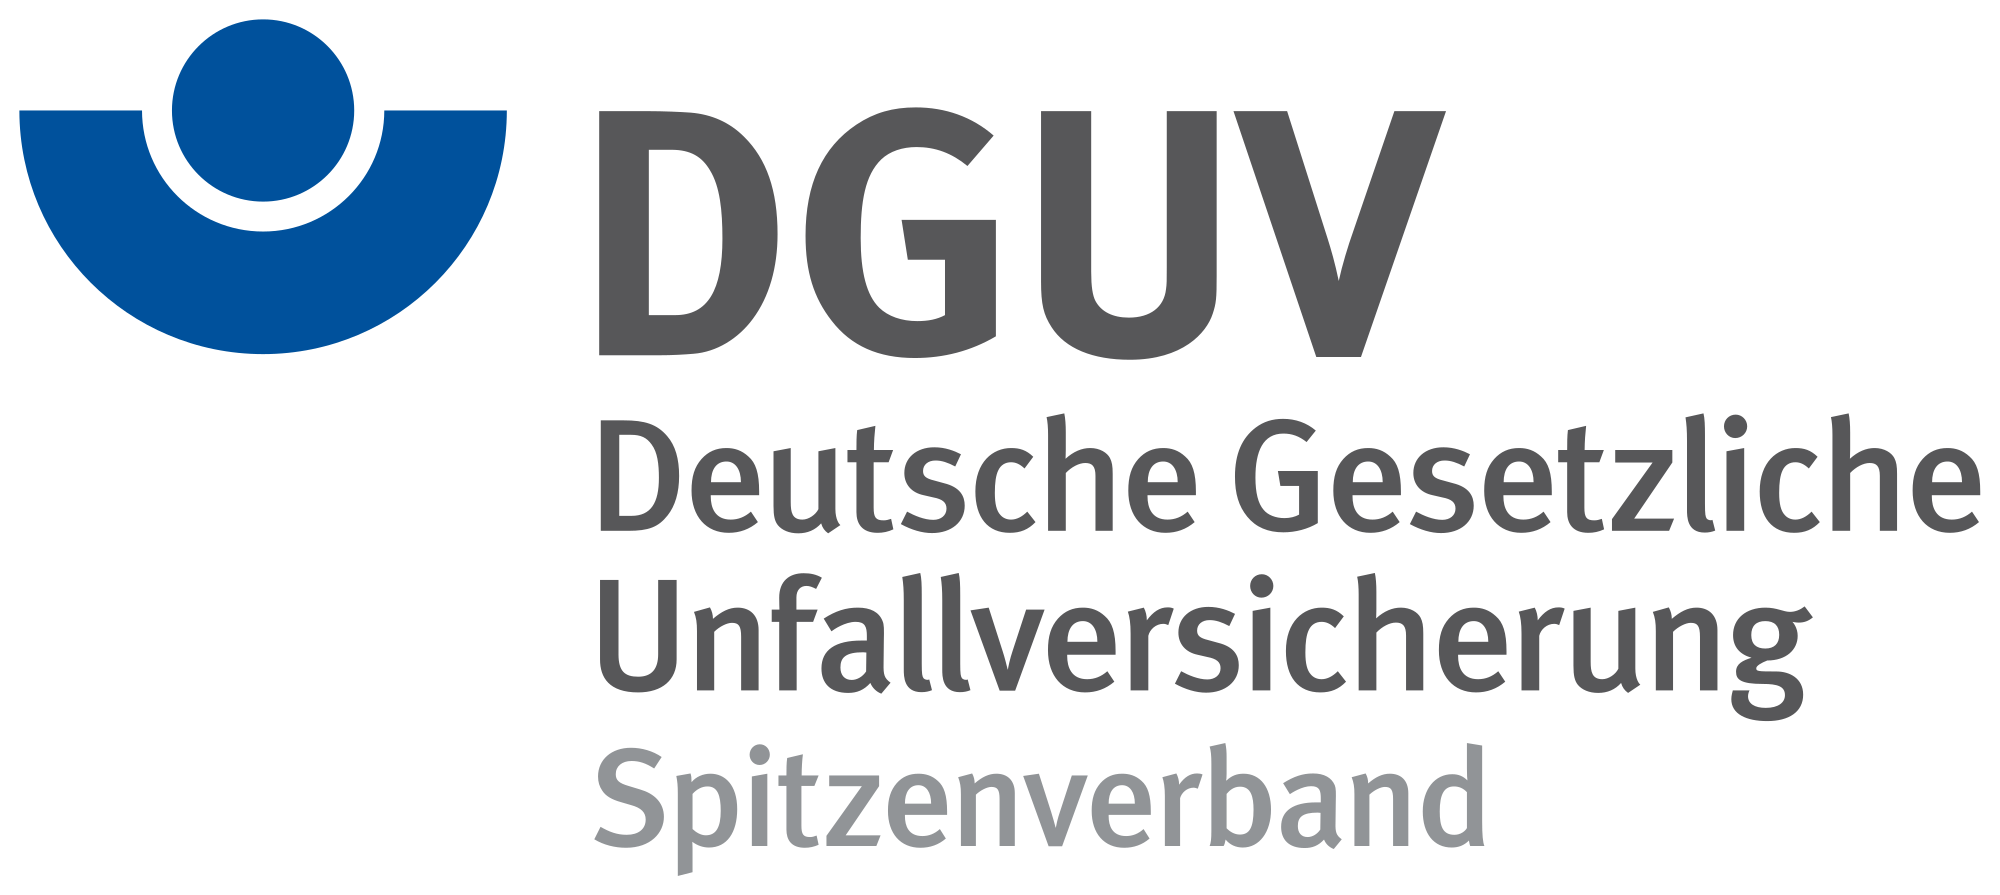 Deutsche Gesetzliche Unfallversicherung (DGUV) Logo